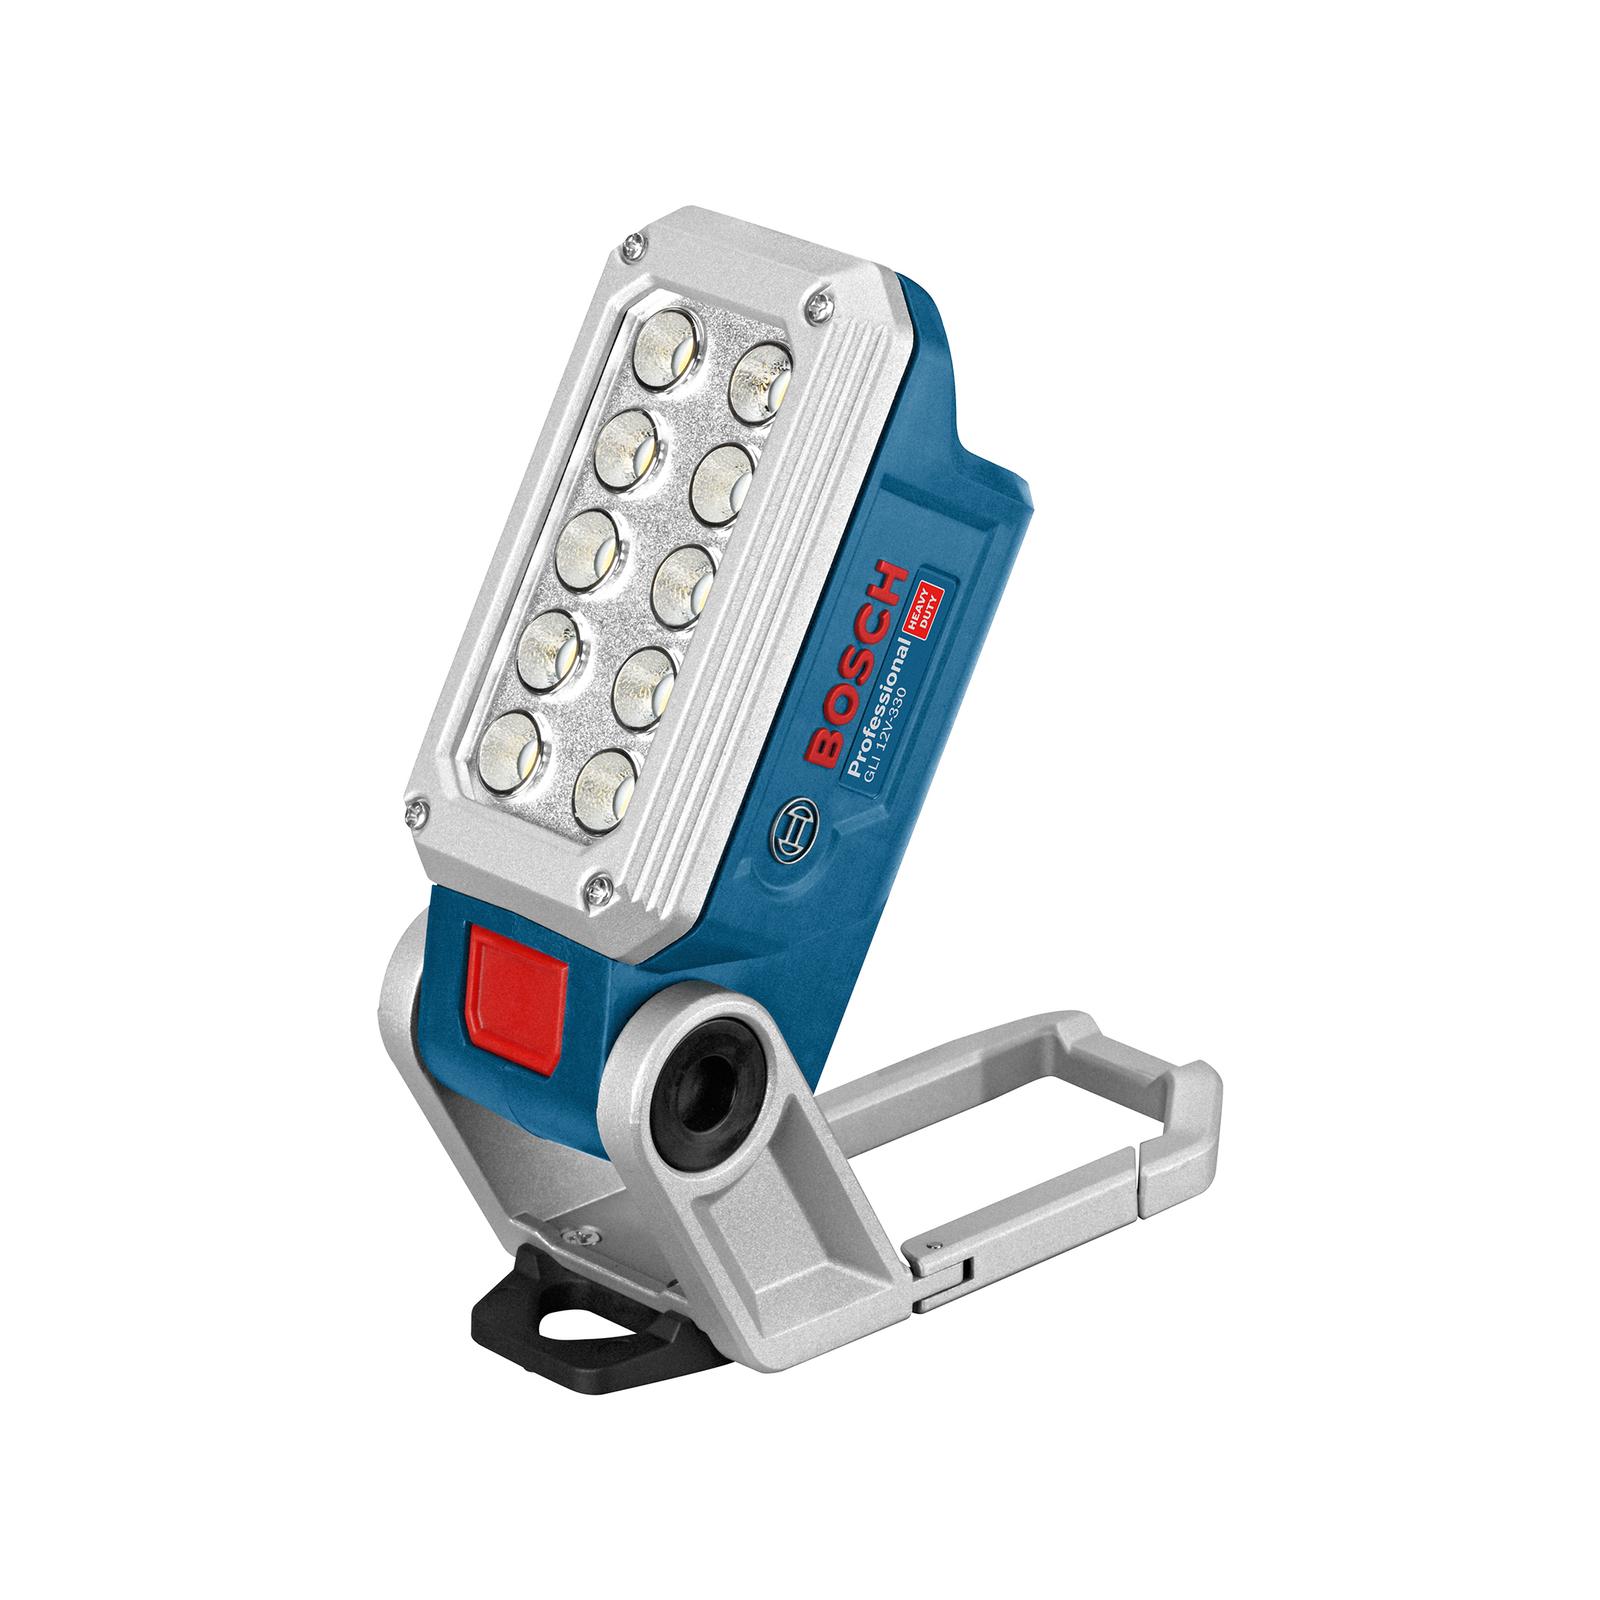 Bosch Blue 12V Cordless 330 GLI 12V-330 Lumen Worklight